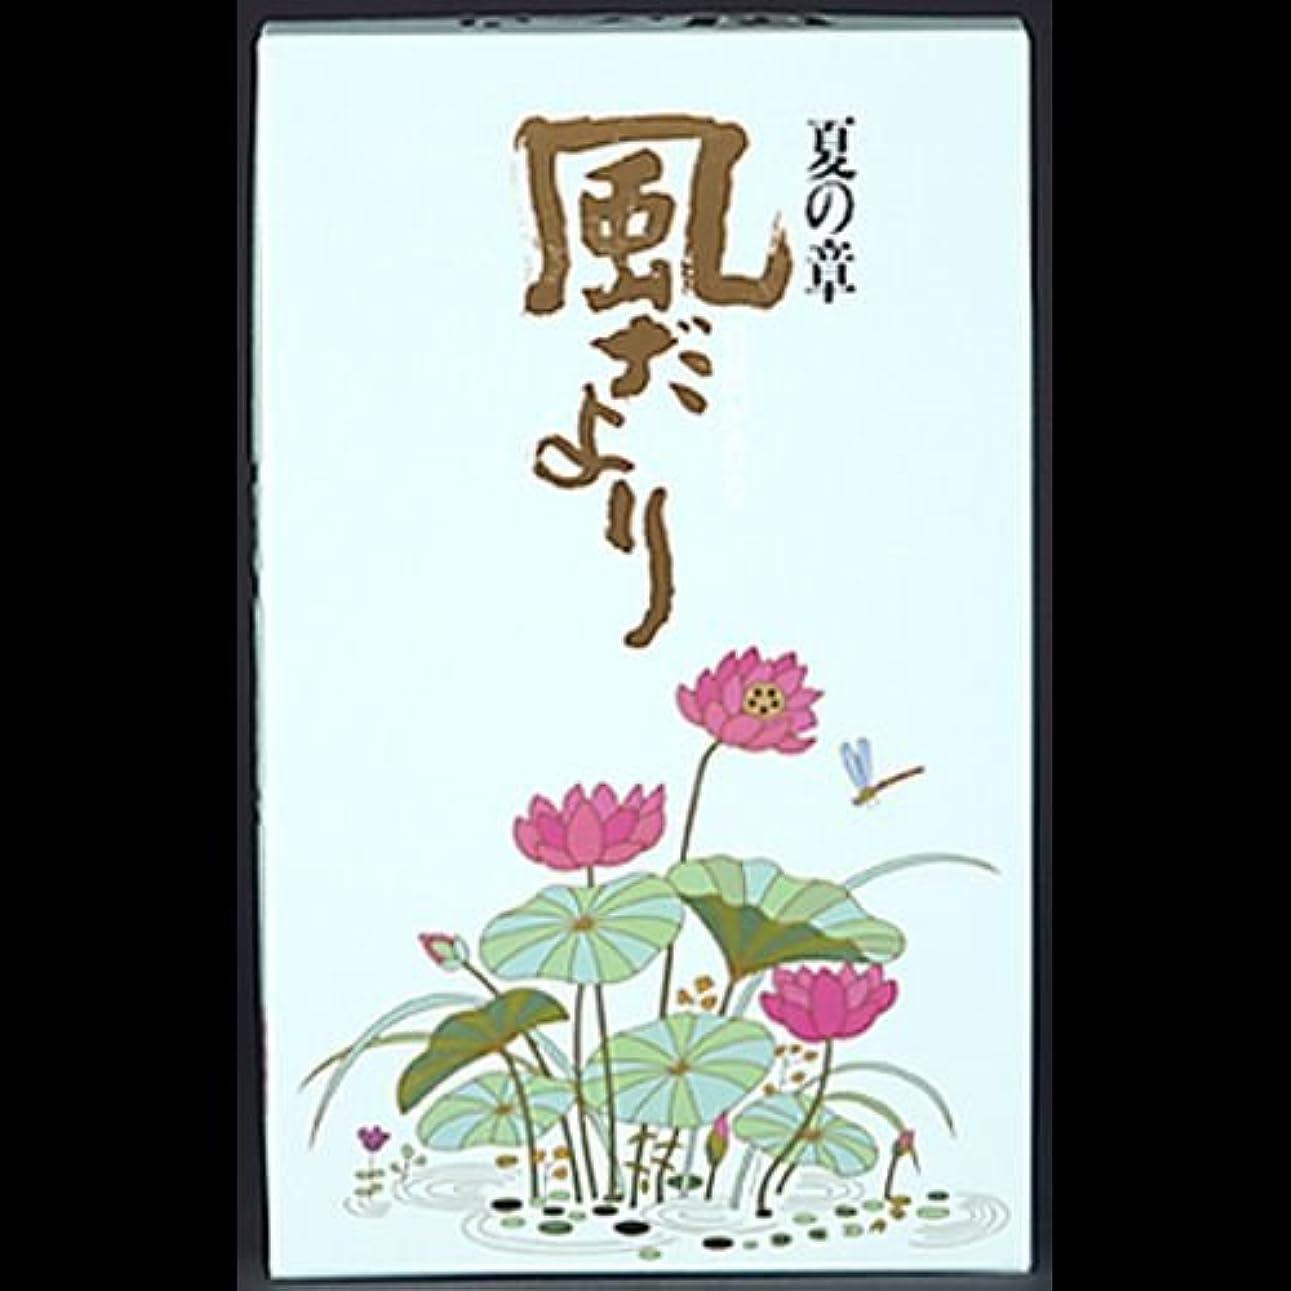 介入する勃起王朝【まとめ買い】風だより 夏の章 バラ詰 ×2セット